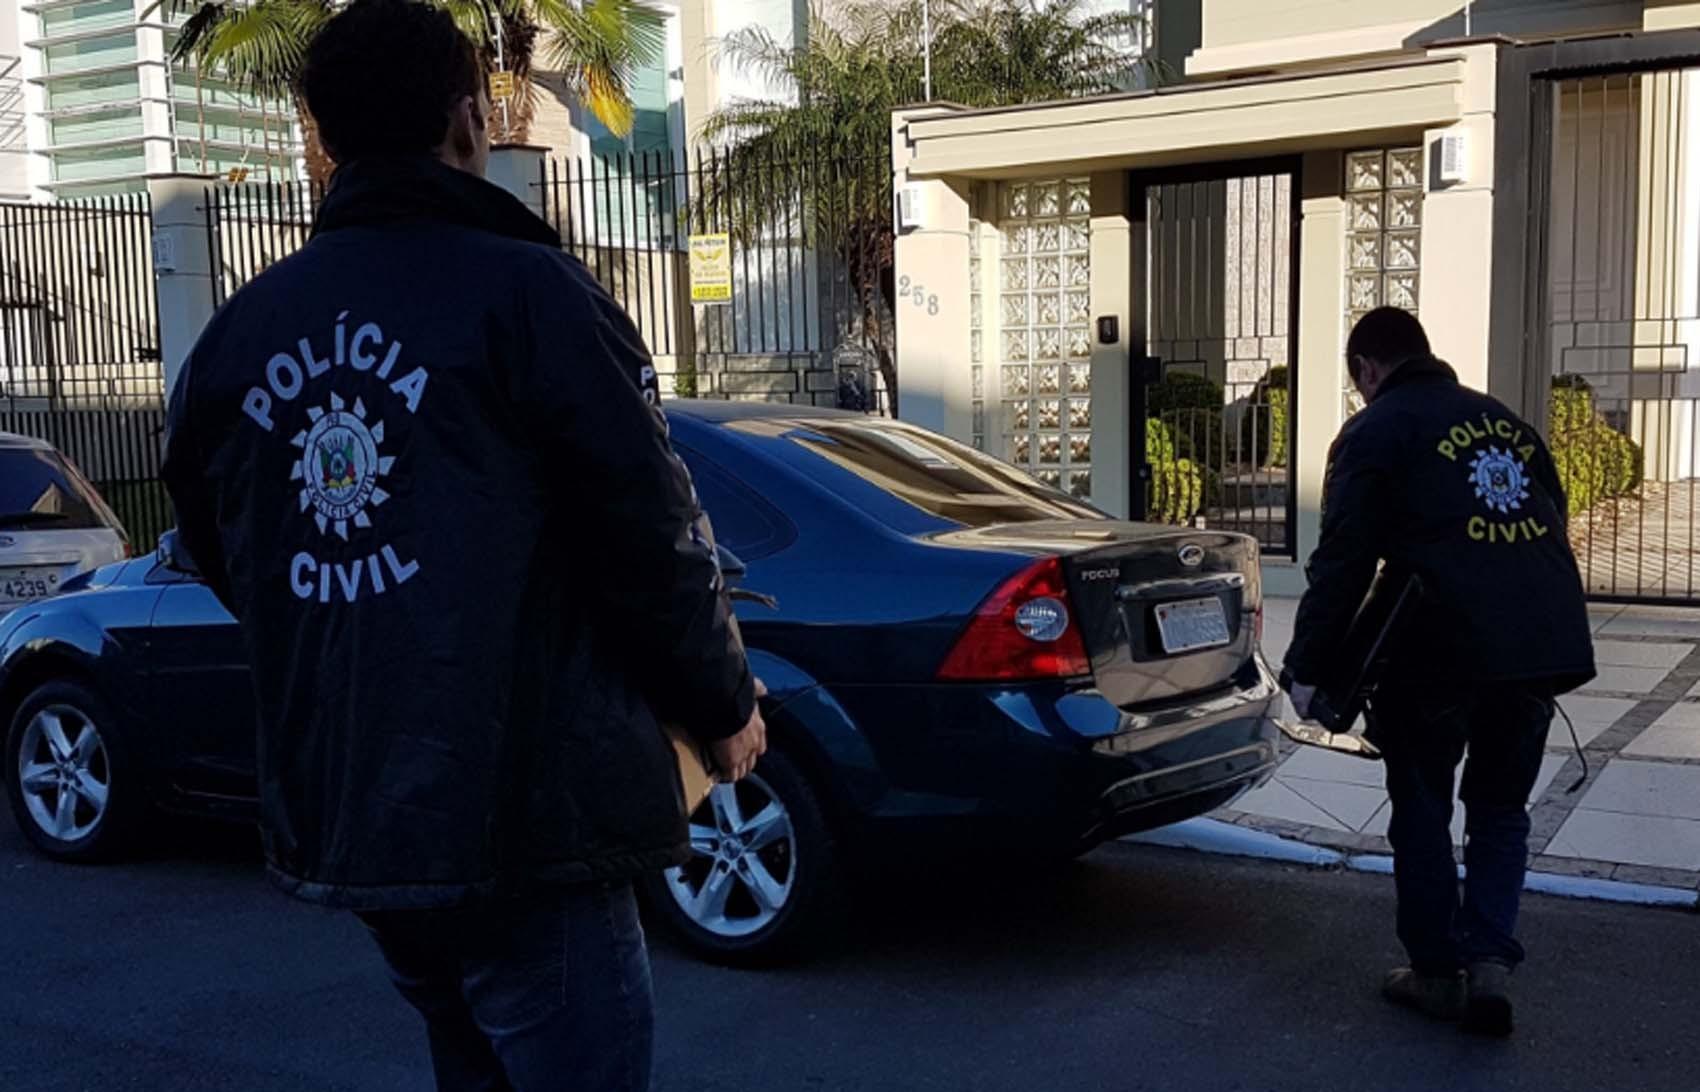 Polícia Civil atua em 4 estados contra grupo suspeito de estelionato e lavagem de dinheiro em empreendimentos imobiliários